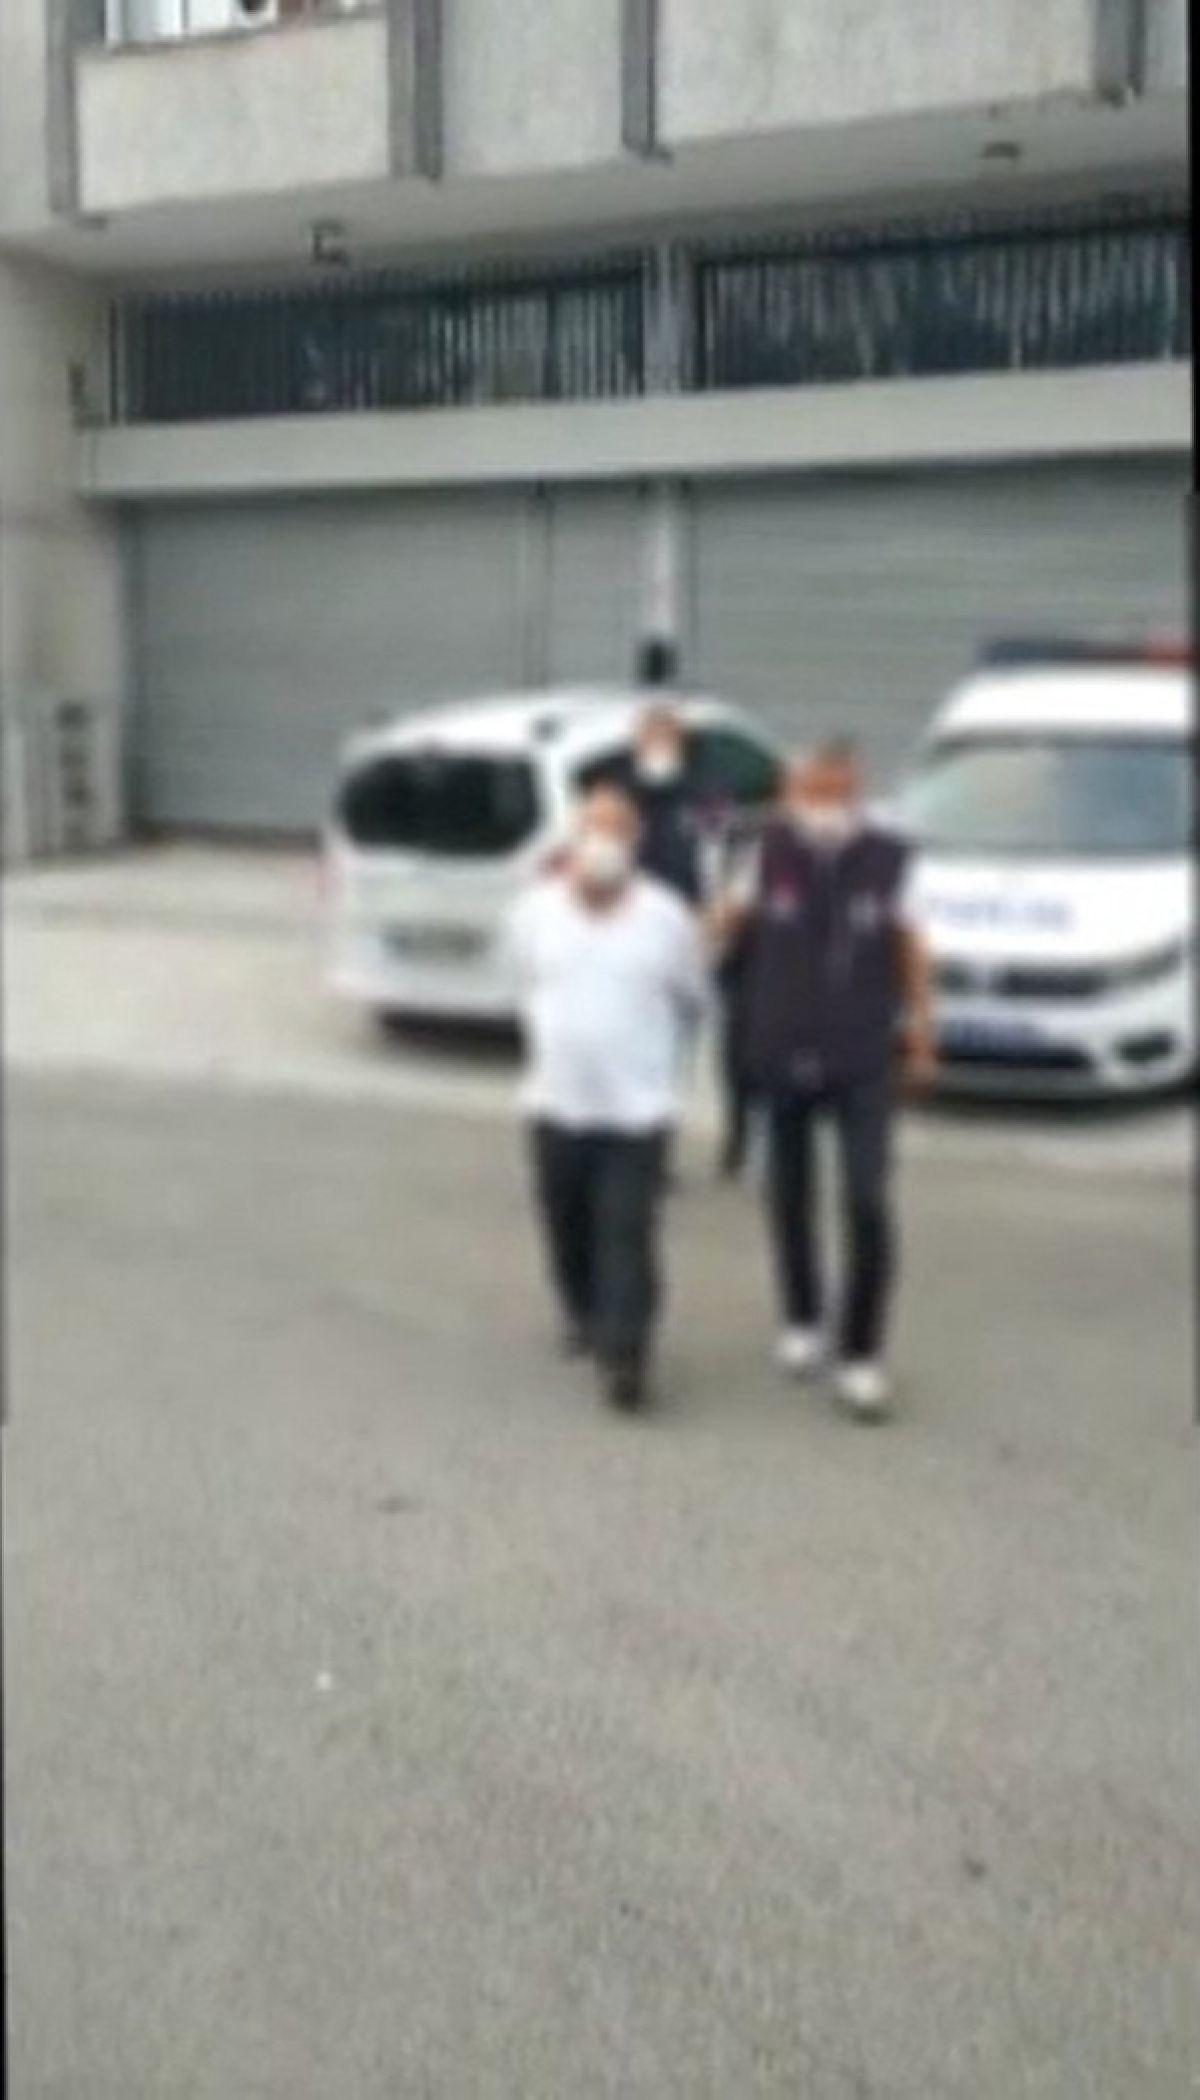 İstanbul da cezaları kesinleşen 45 kişi hapse gönderildi #2